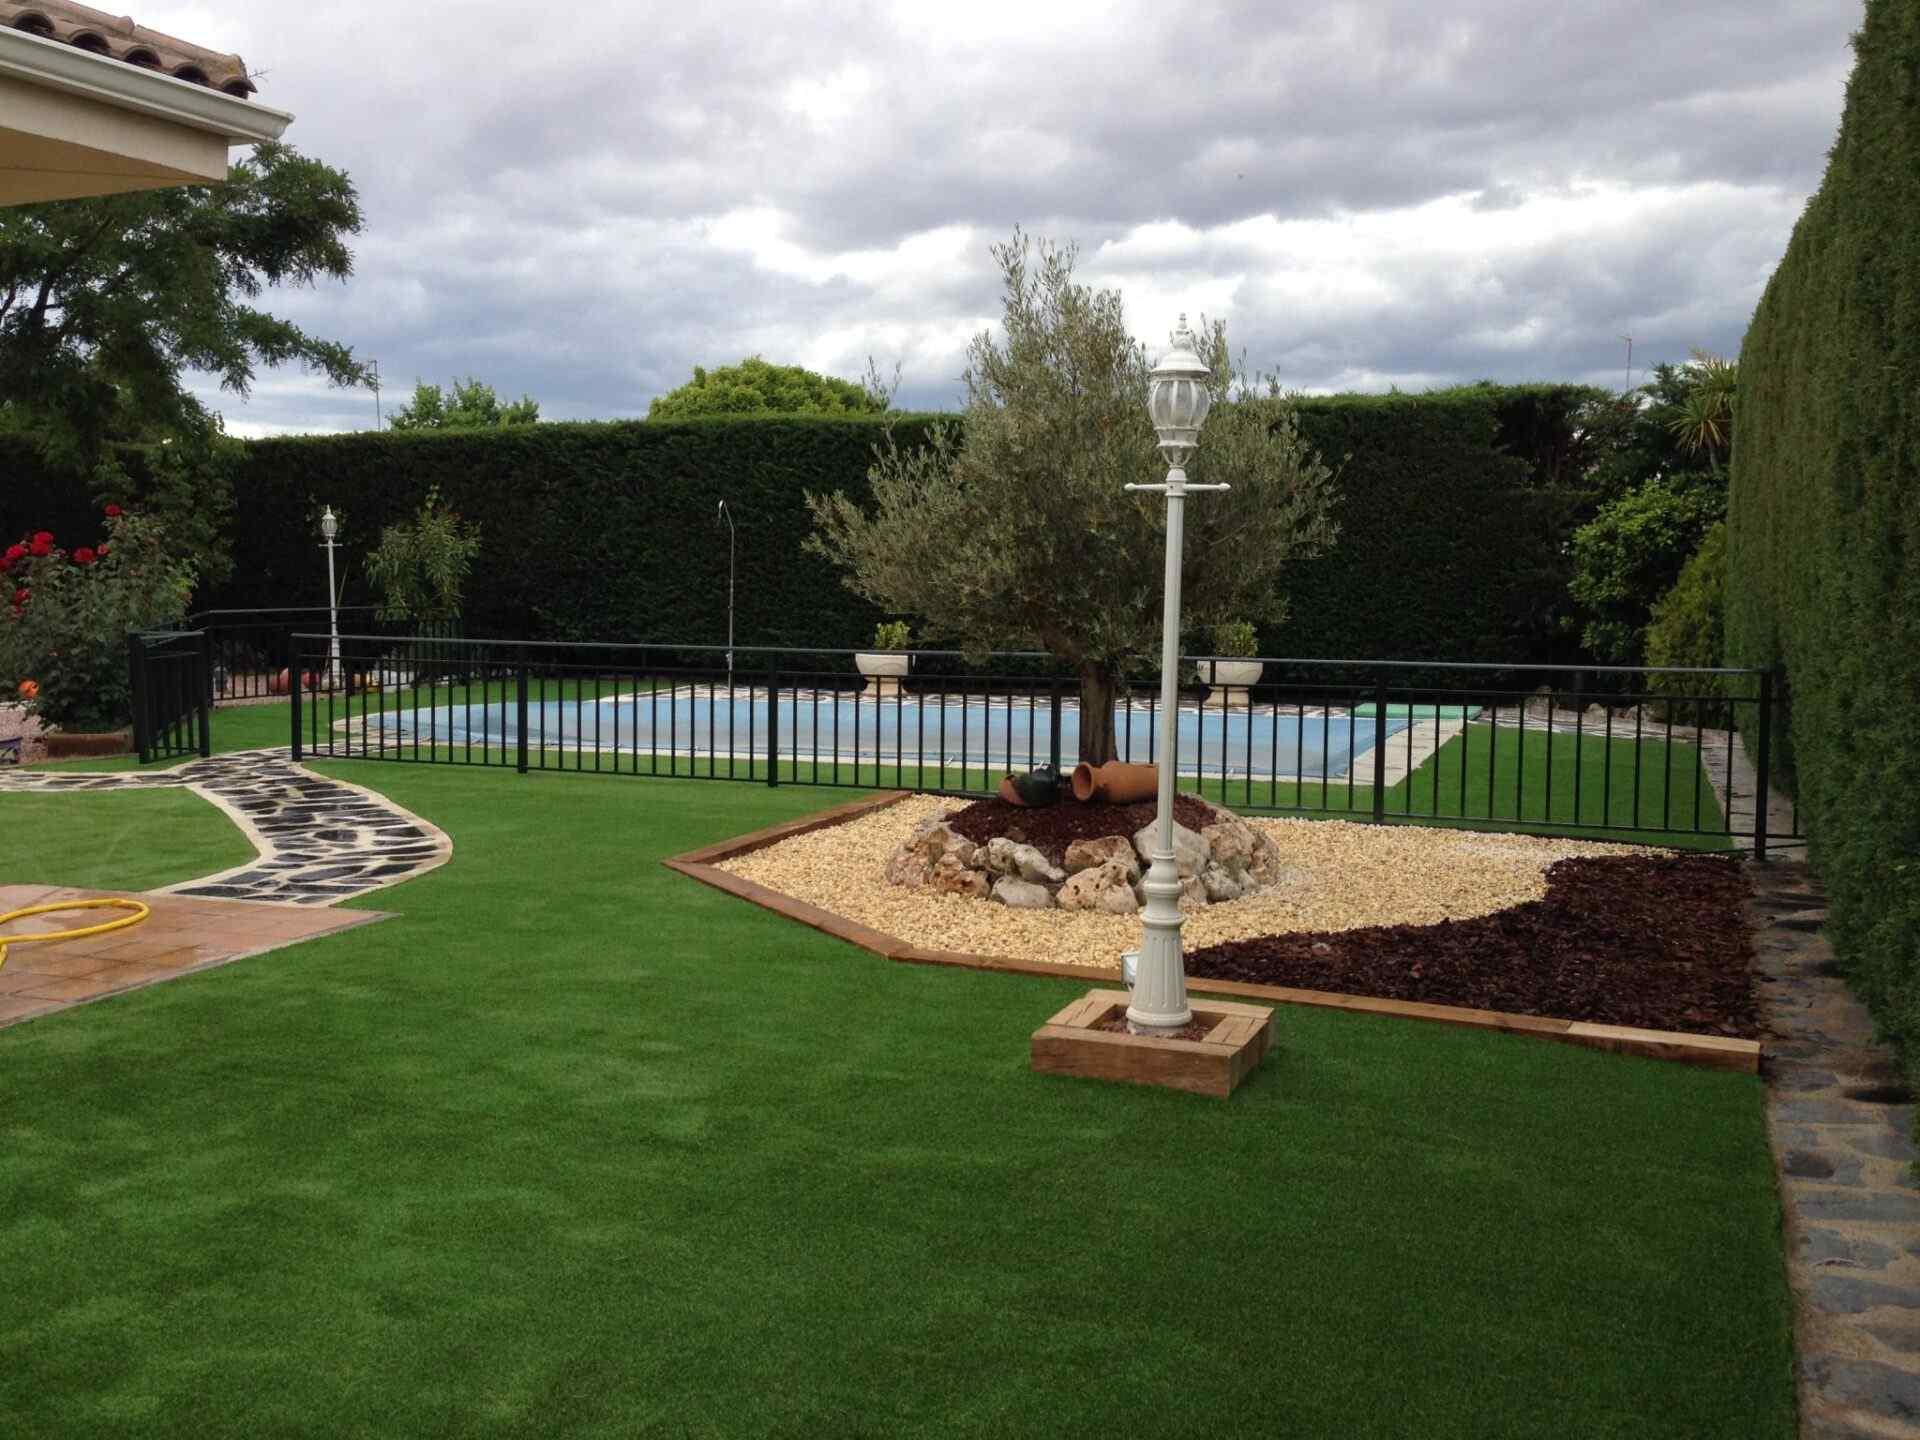 Cesped Artificial Alrededor De Piscinas Ejemplos En Jardines Y - Cesped-artificial-barato-para-terrazas